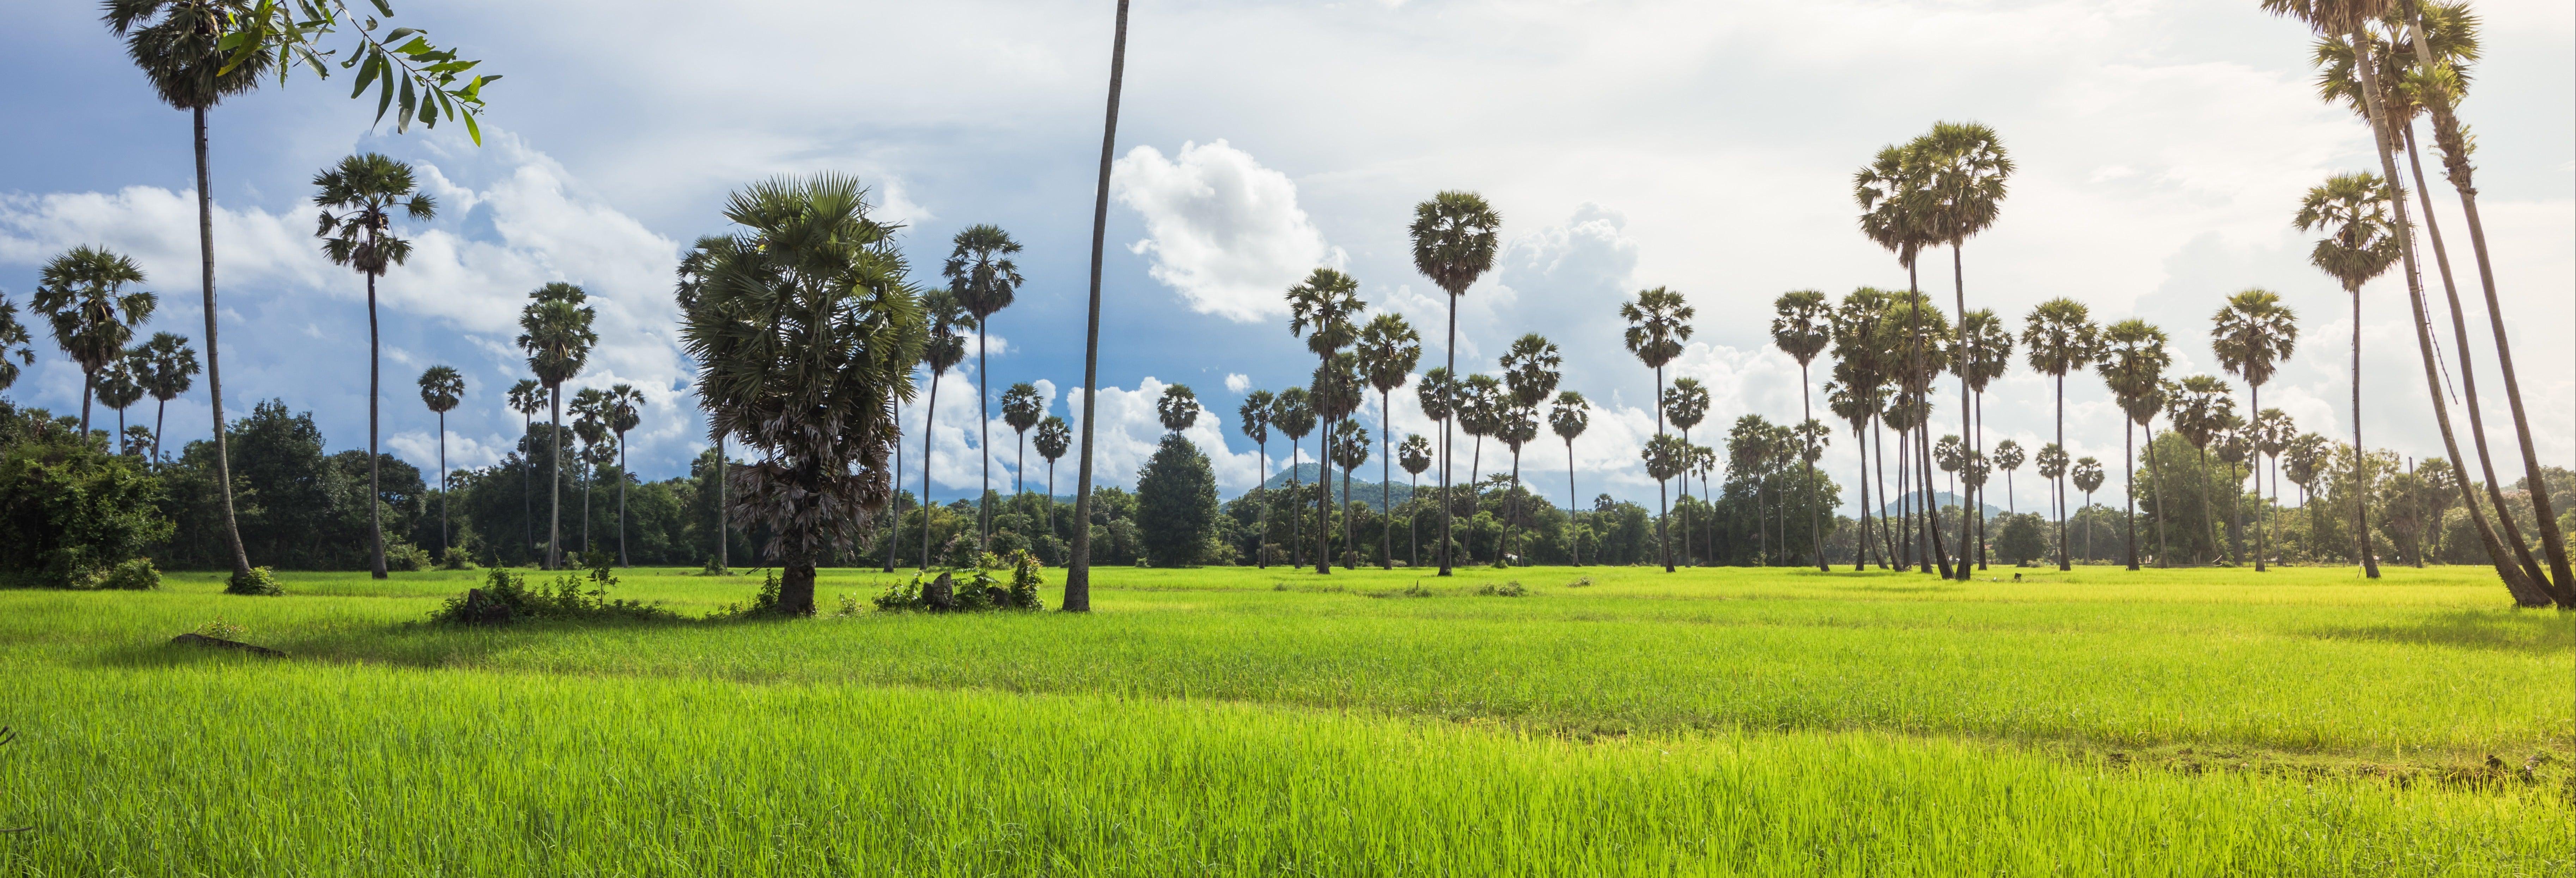 Excursão a uma aldeia tradicional cambojana